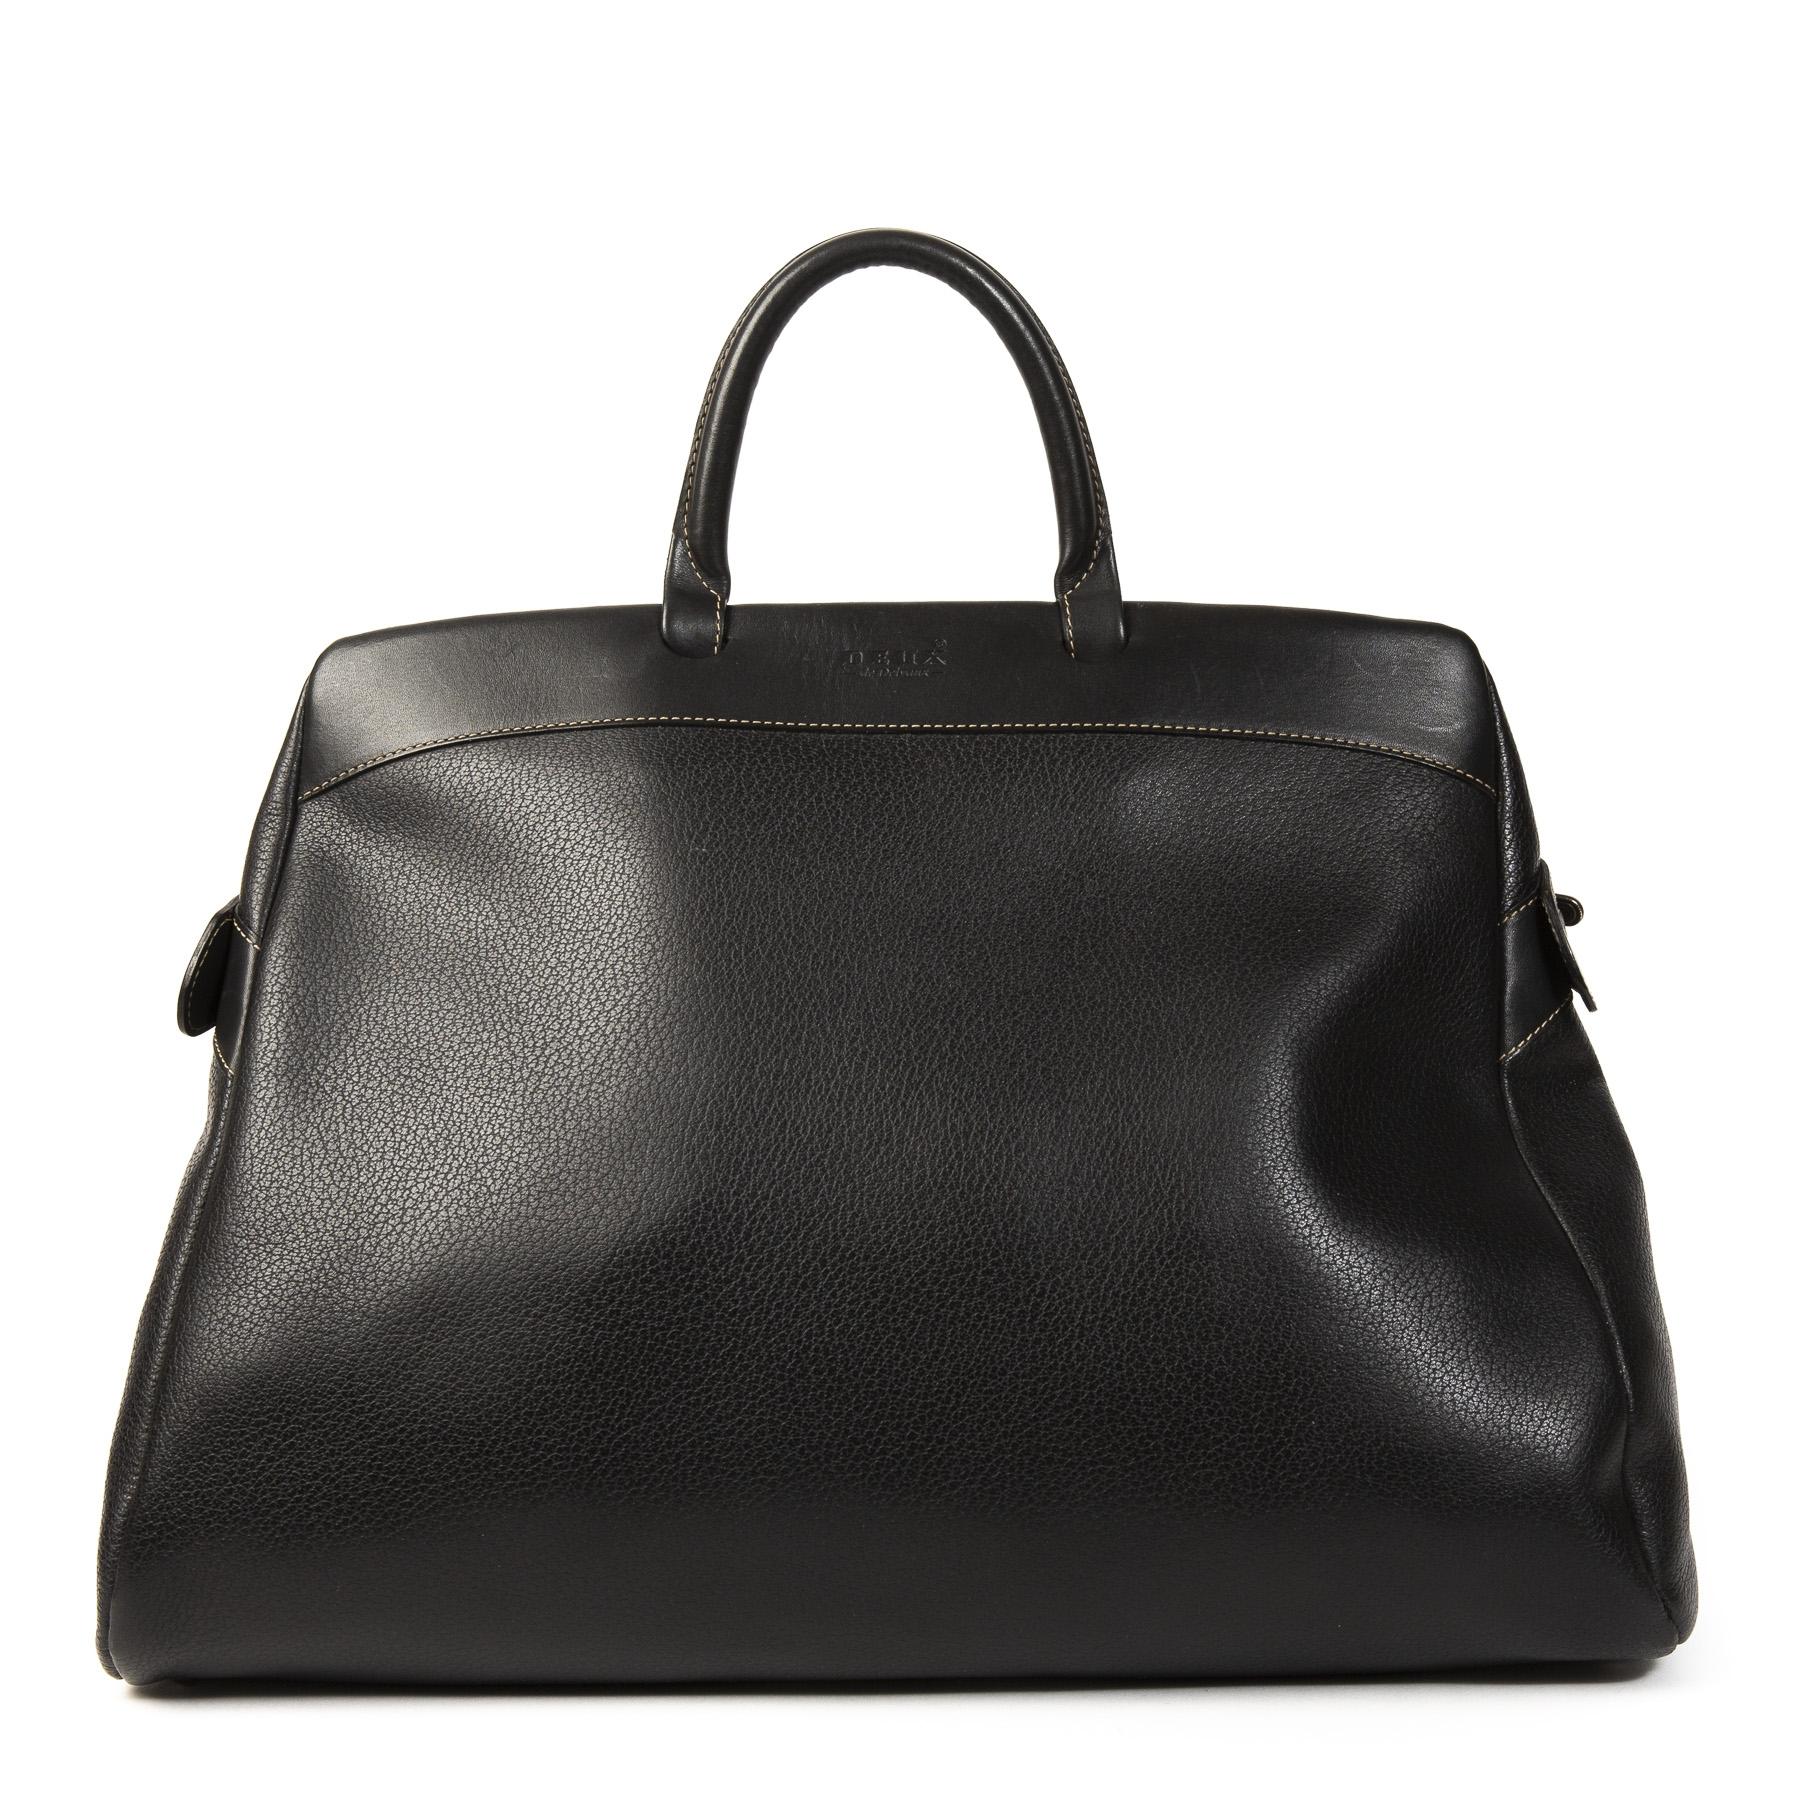 Authentieke Tweedehands Delvaux Deux De Delvaux Black Bag juiste prijs veilig online shoppen webshop luxe merken winkelen Antwerpen België